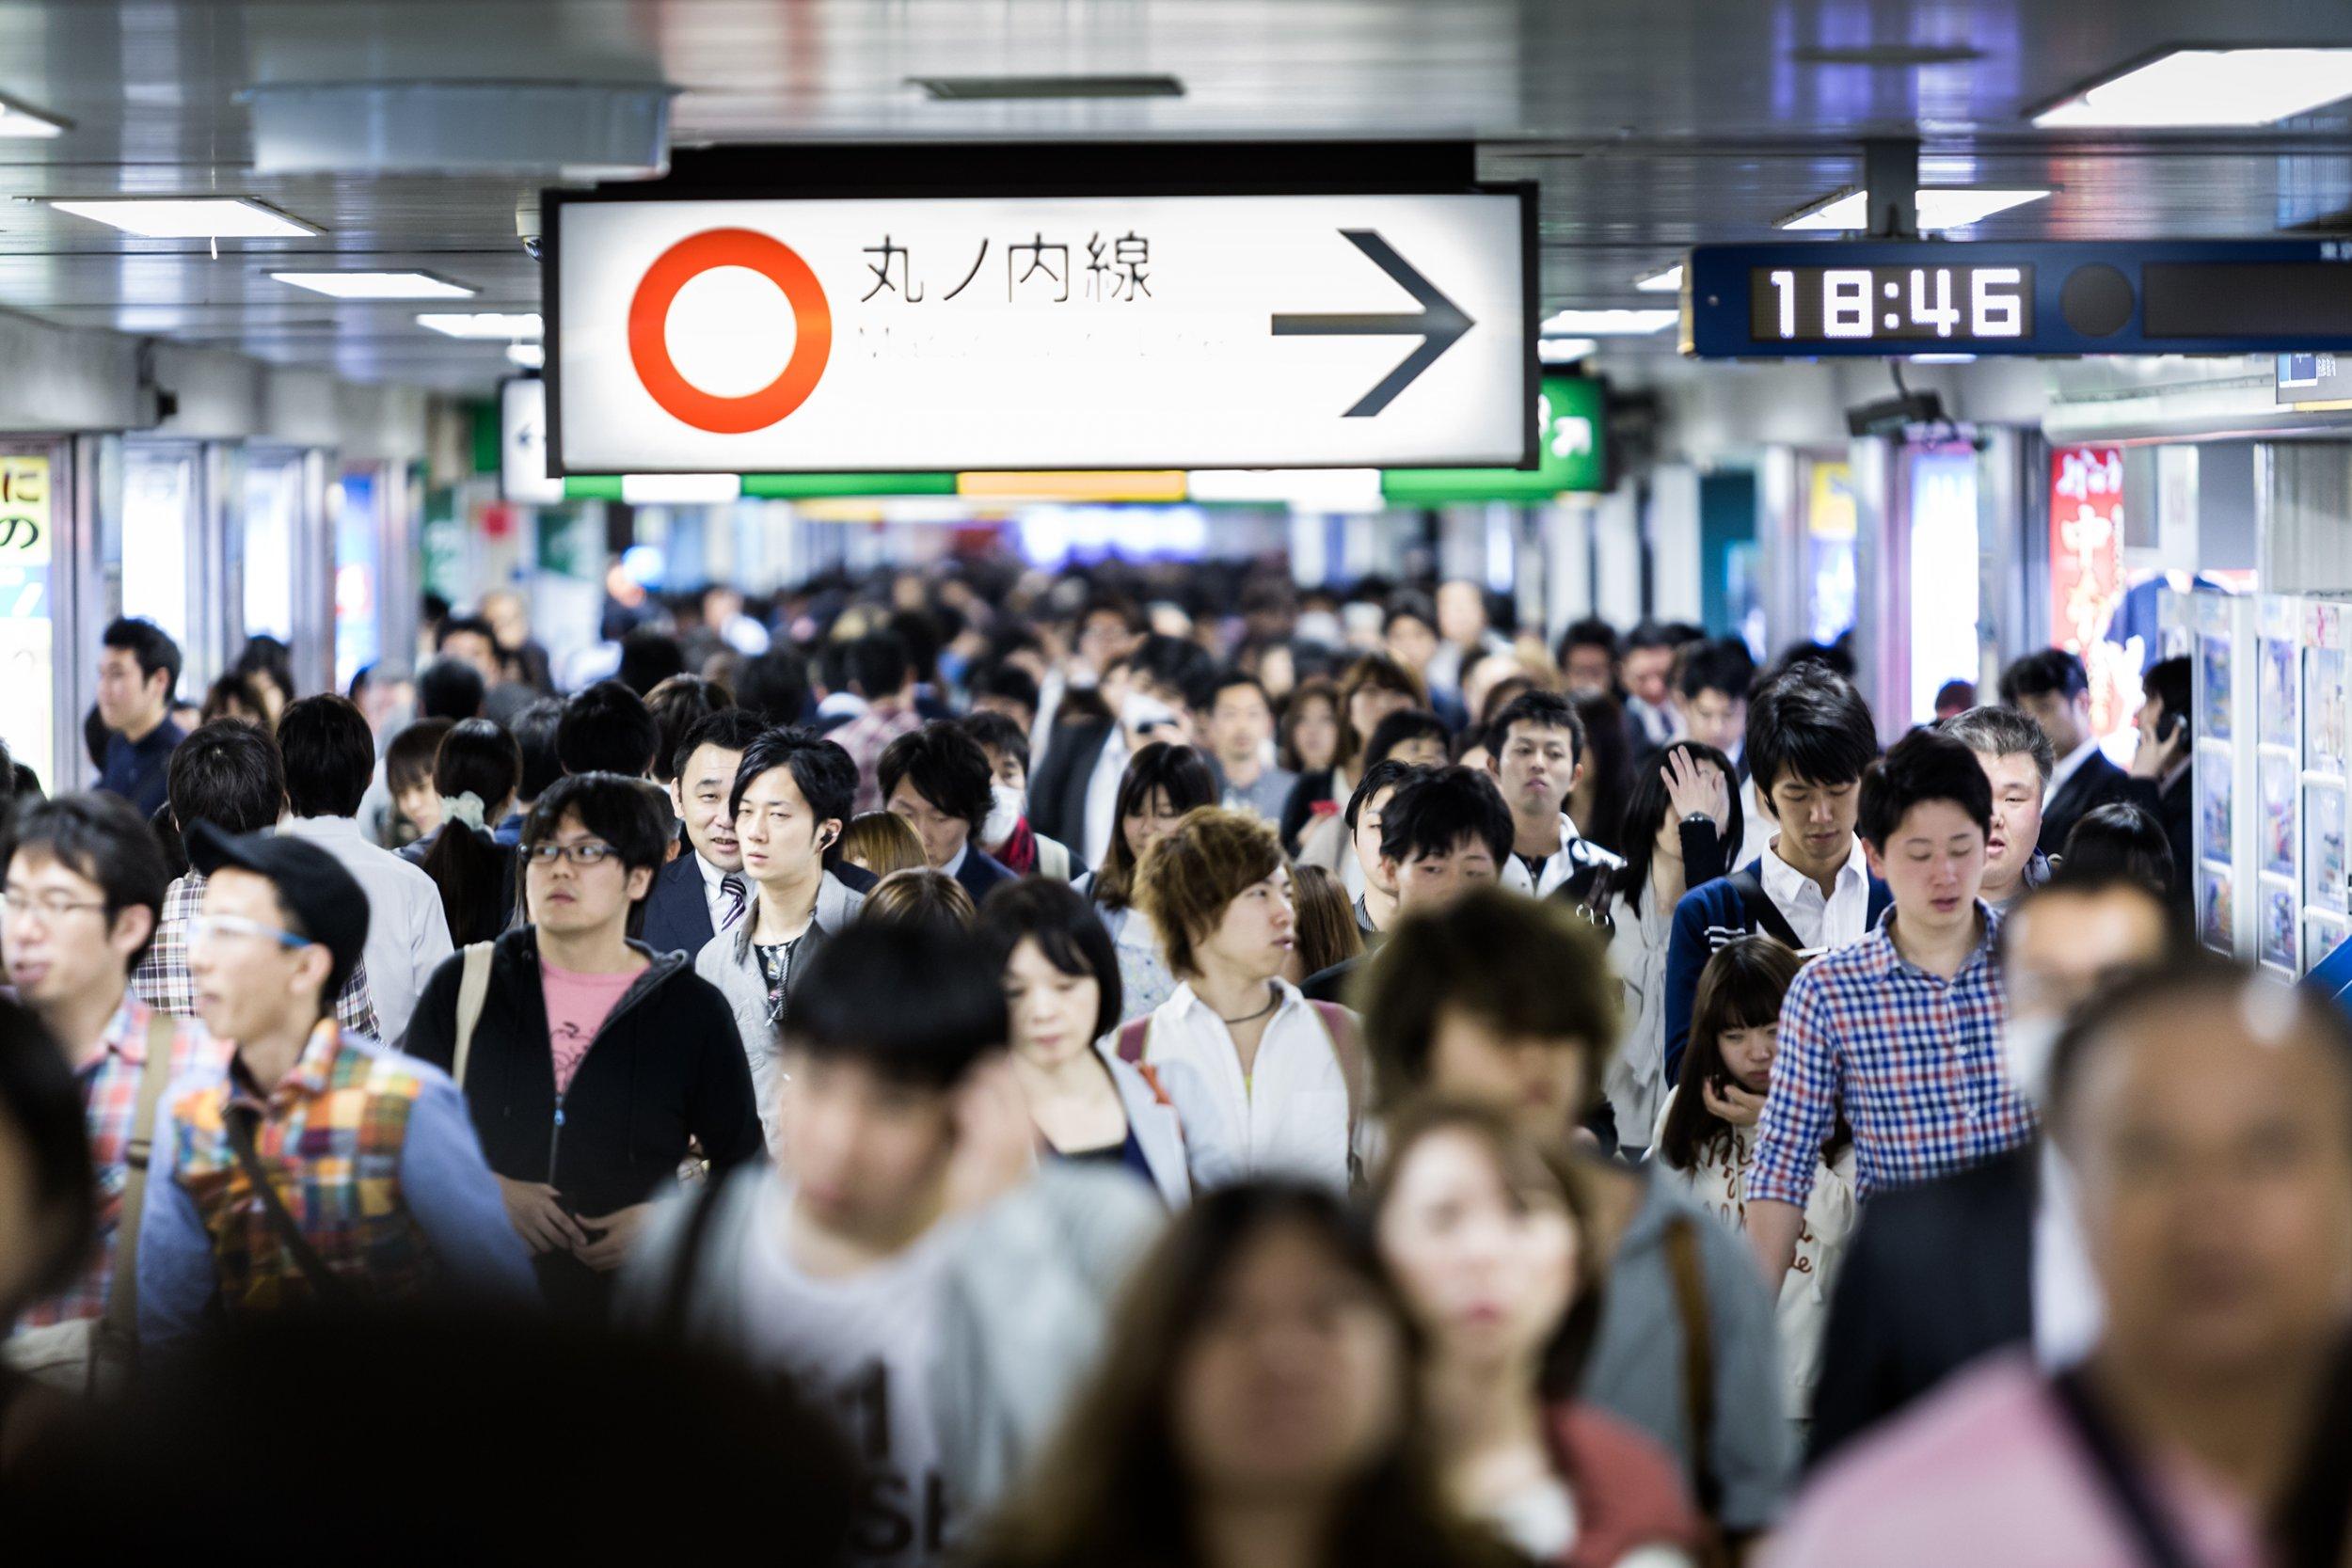 japan commute crowd stock getty